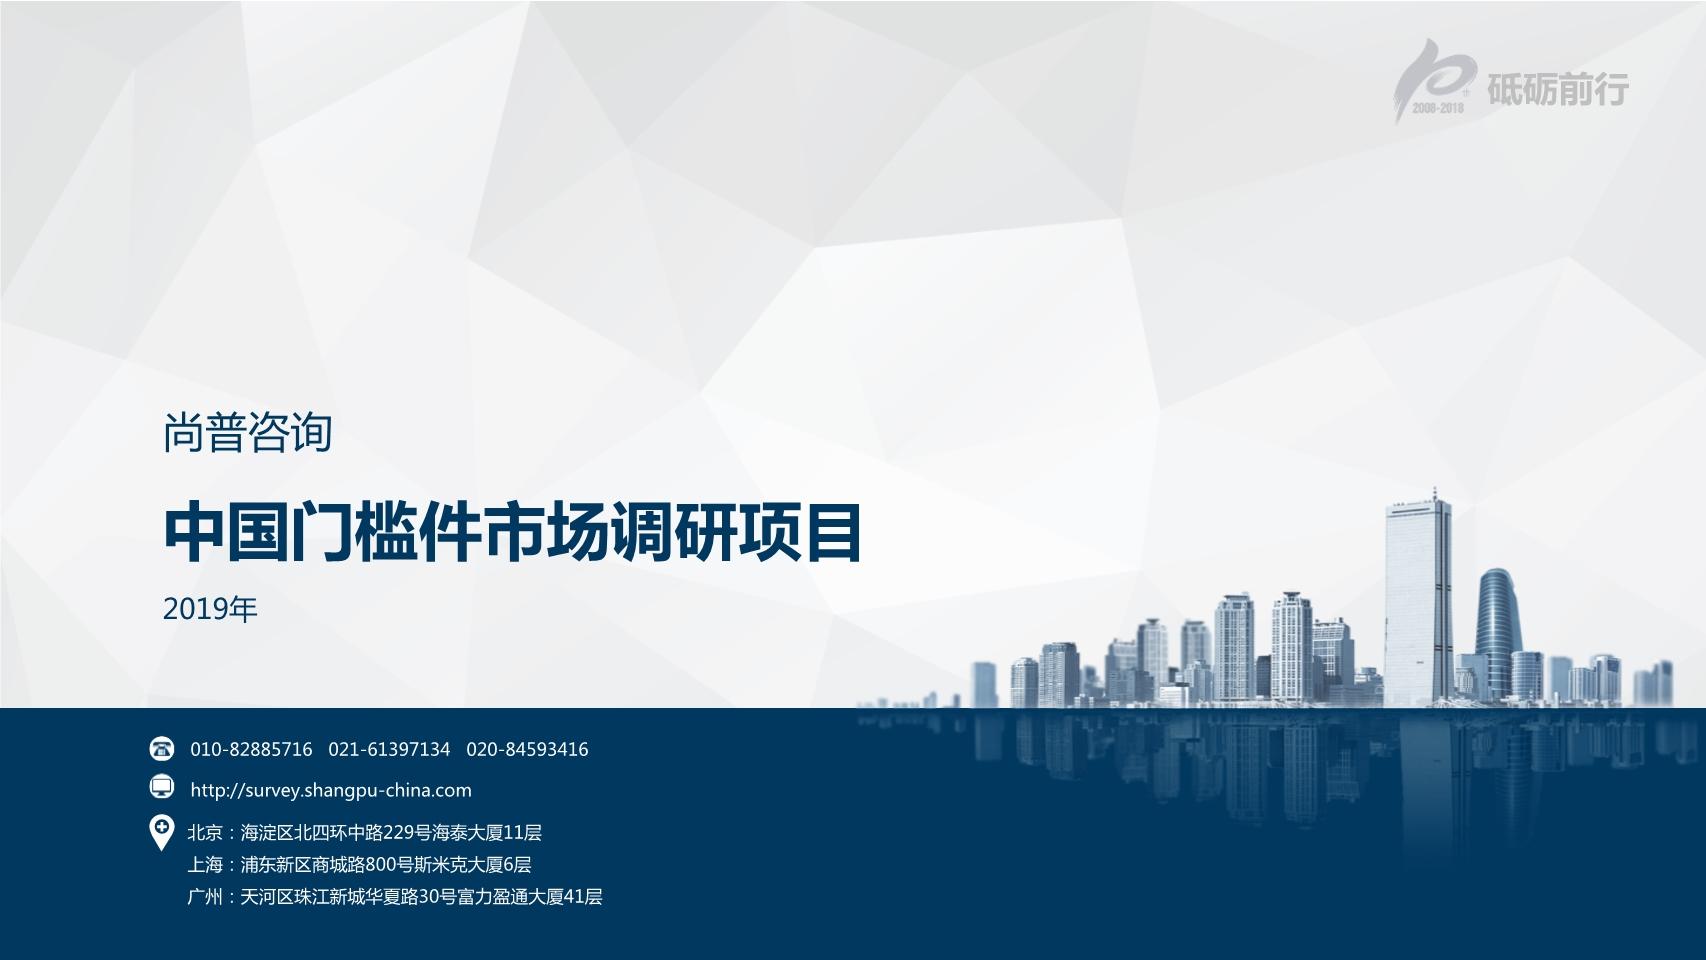 尚普咨询-中国门槛件市场调研项目